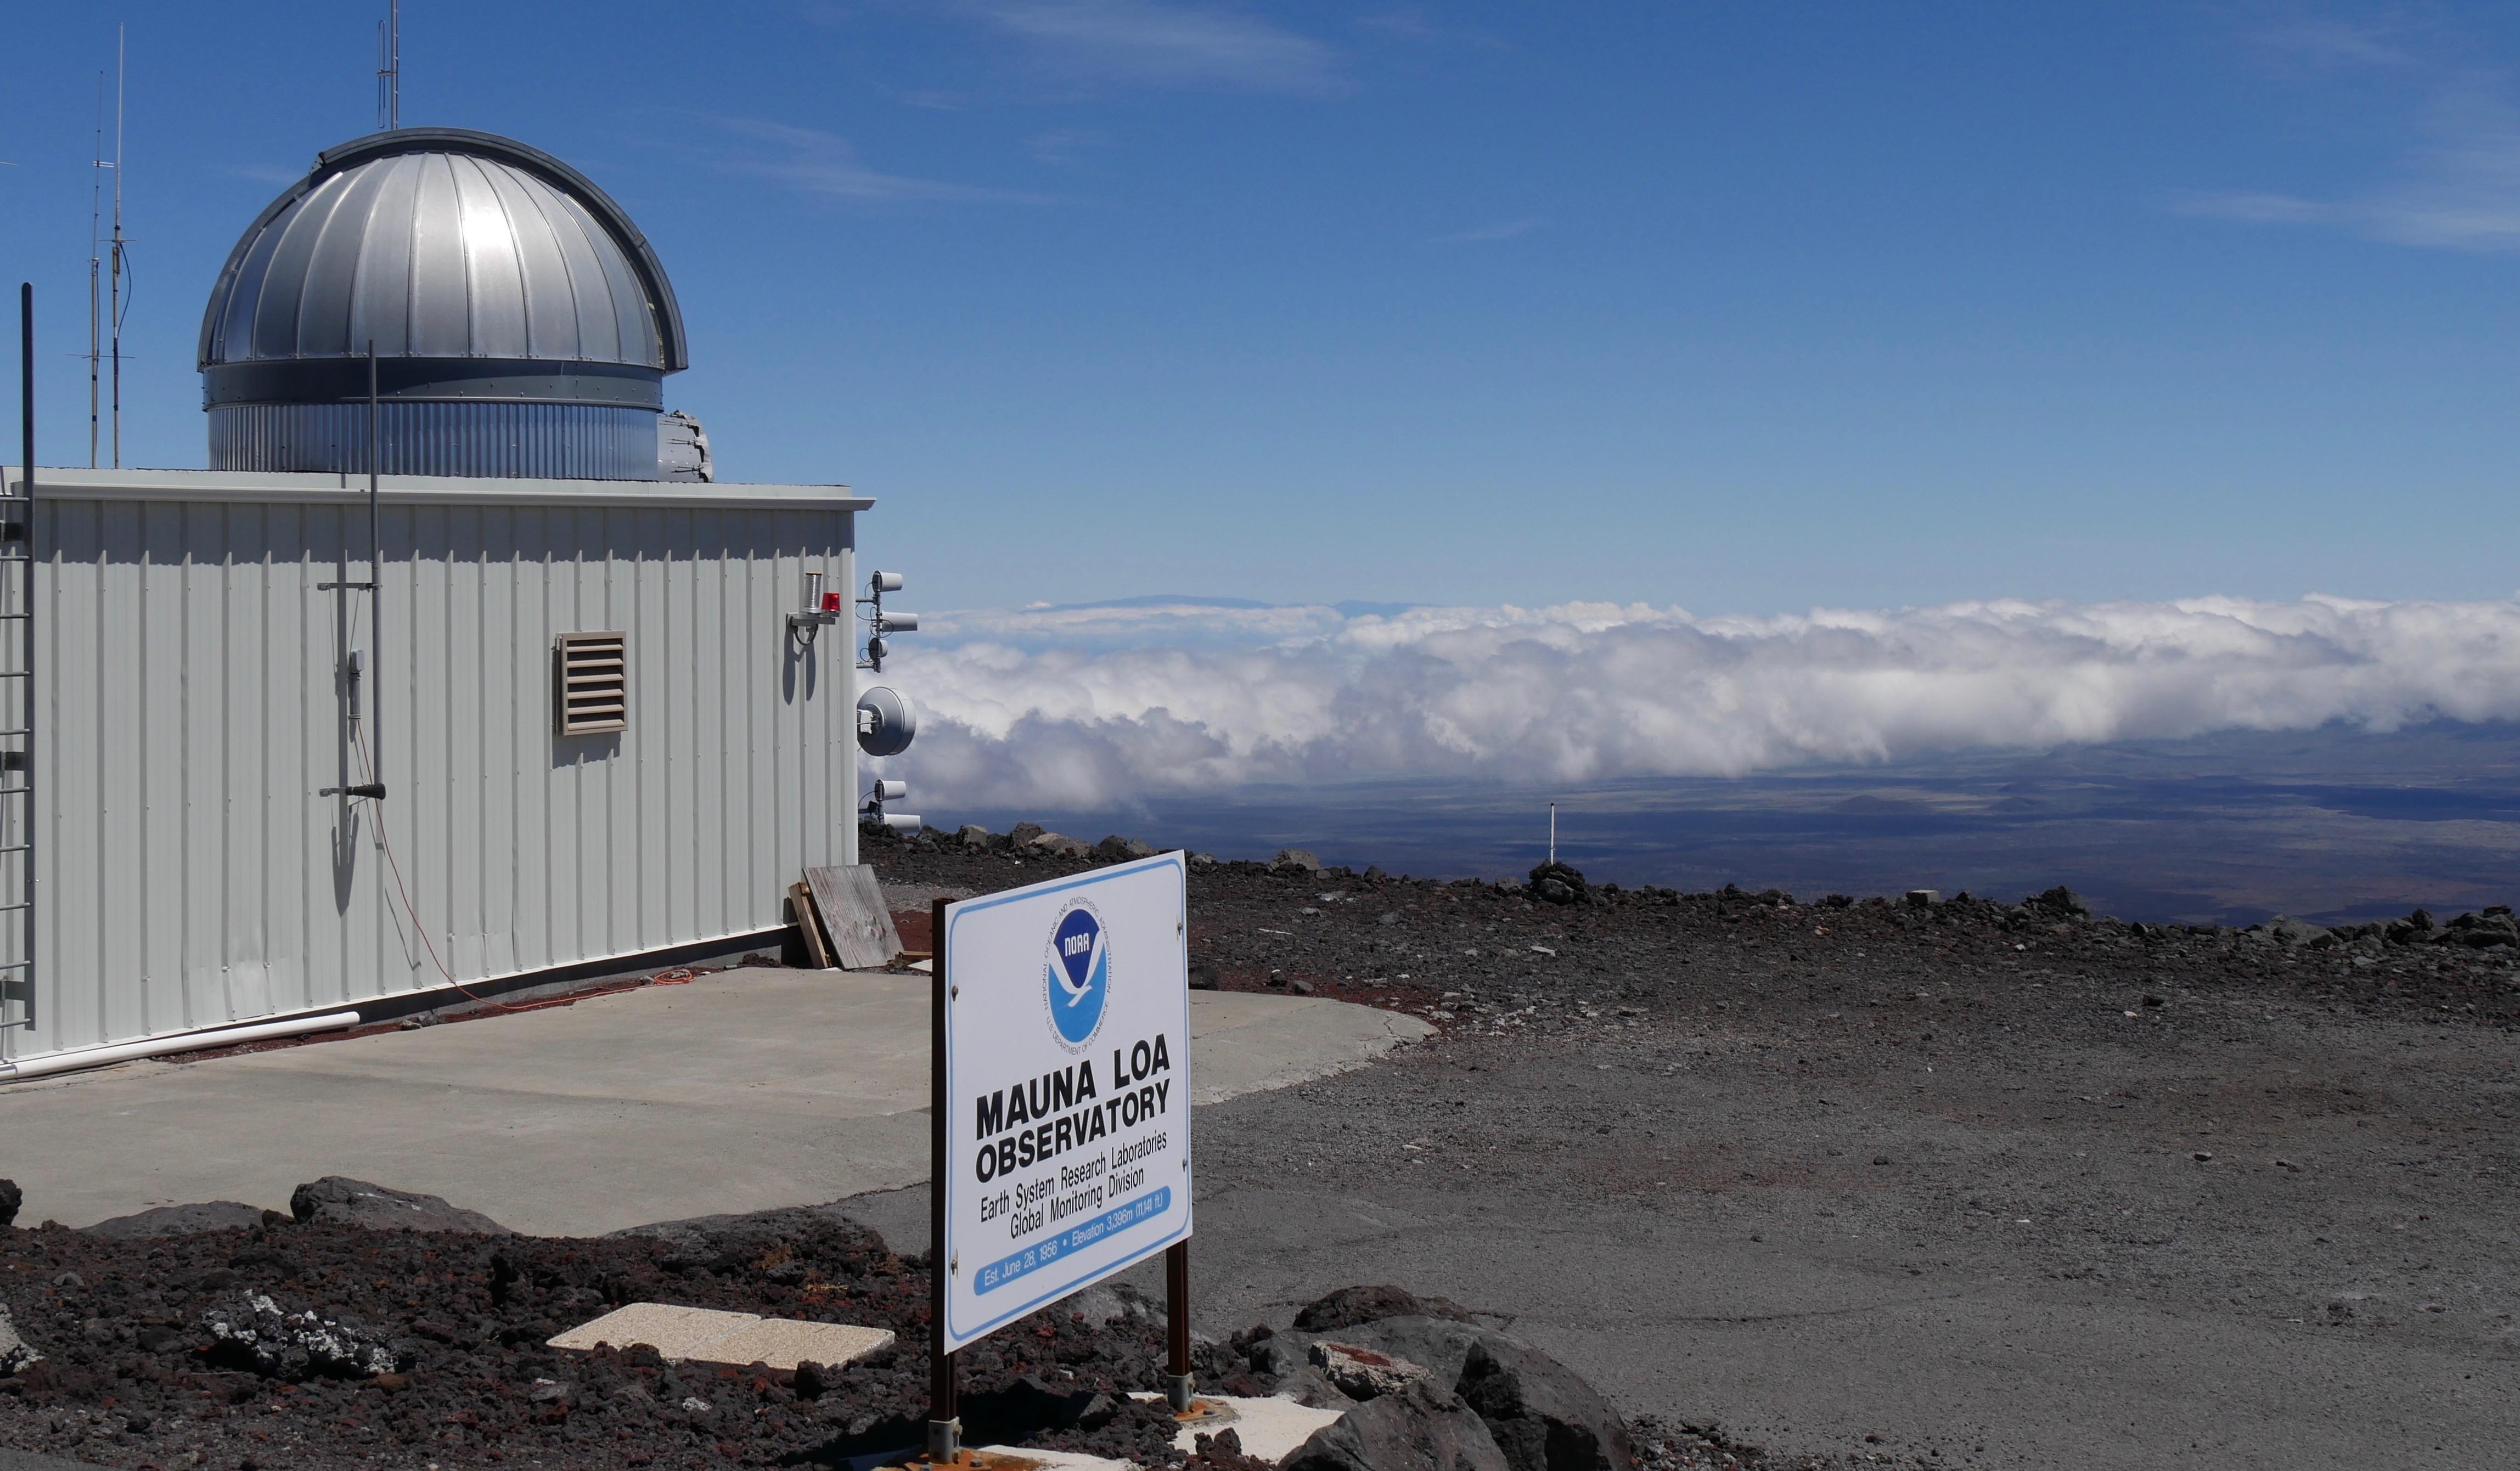 Cientistas do Observatório Atmosférico de Mauna Loa, localizado no Havaí, EUA, registraram a maior média mensal do nível de dióxido de carbono (CO2) na atmosfera desde 1958 (Foto: Susan Cobb/Laboratório de Monitoramento Global do NOAA)